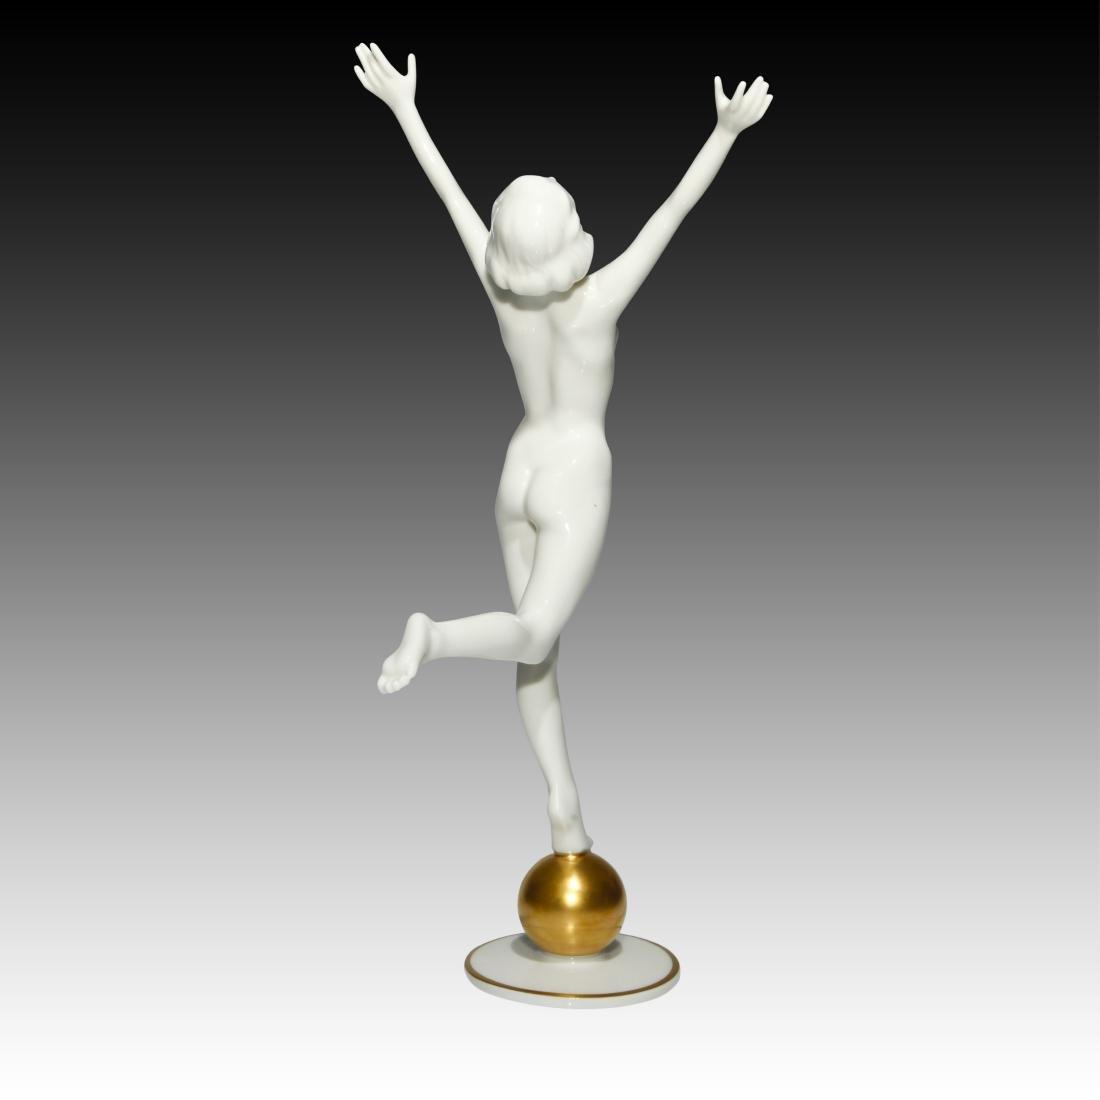 Hutschenreuther Sunchild Art Deco Figurine - 3